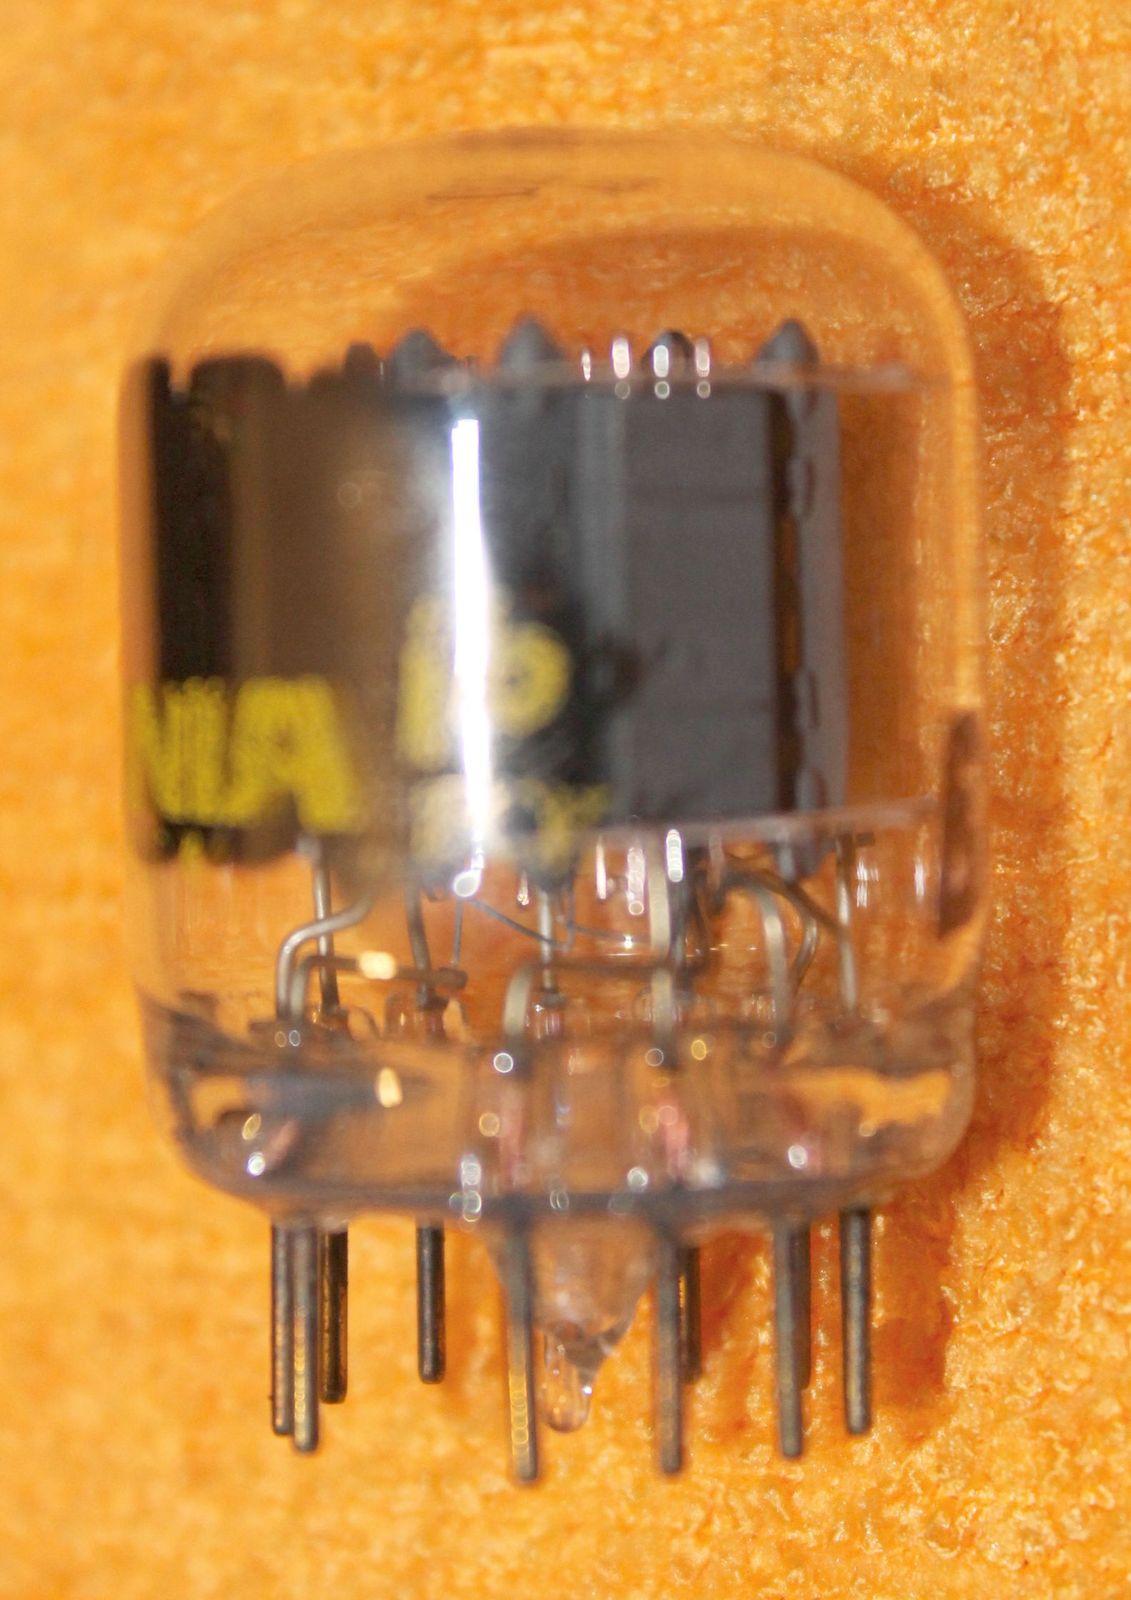 Vintage Radio Vacuum Tube (one): 6BA11 - Tested Good